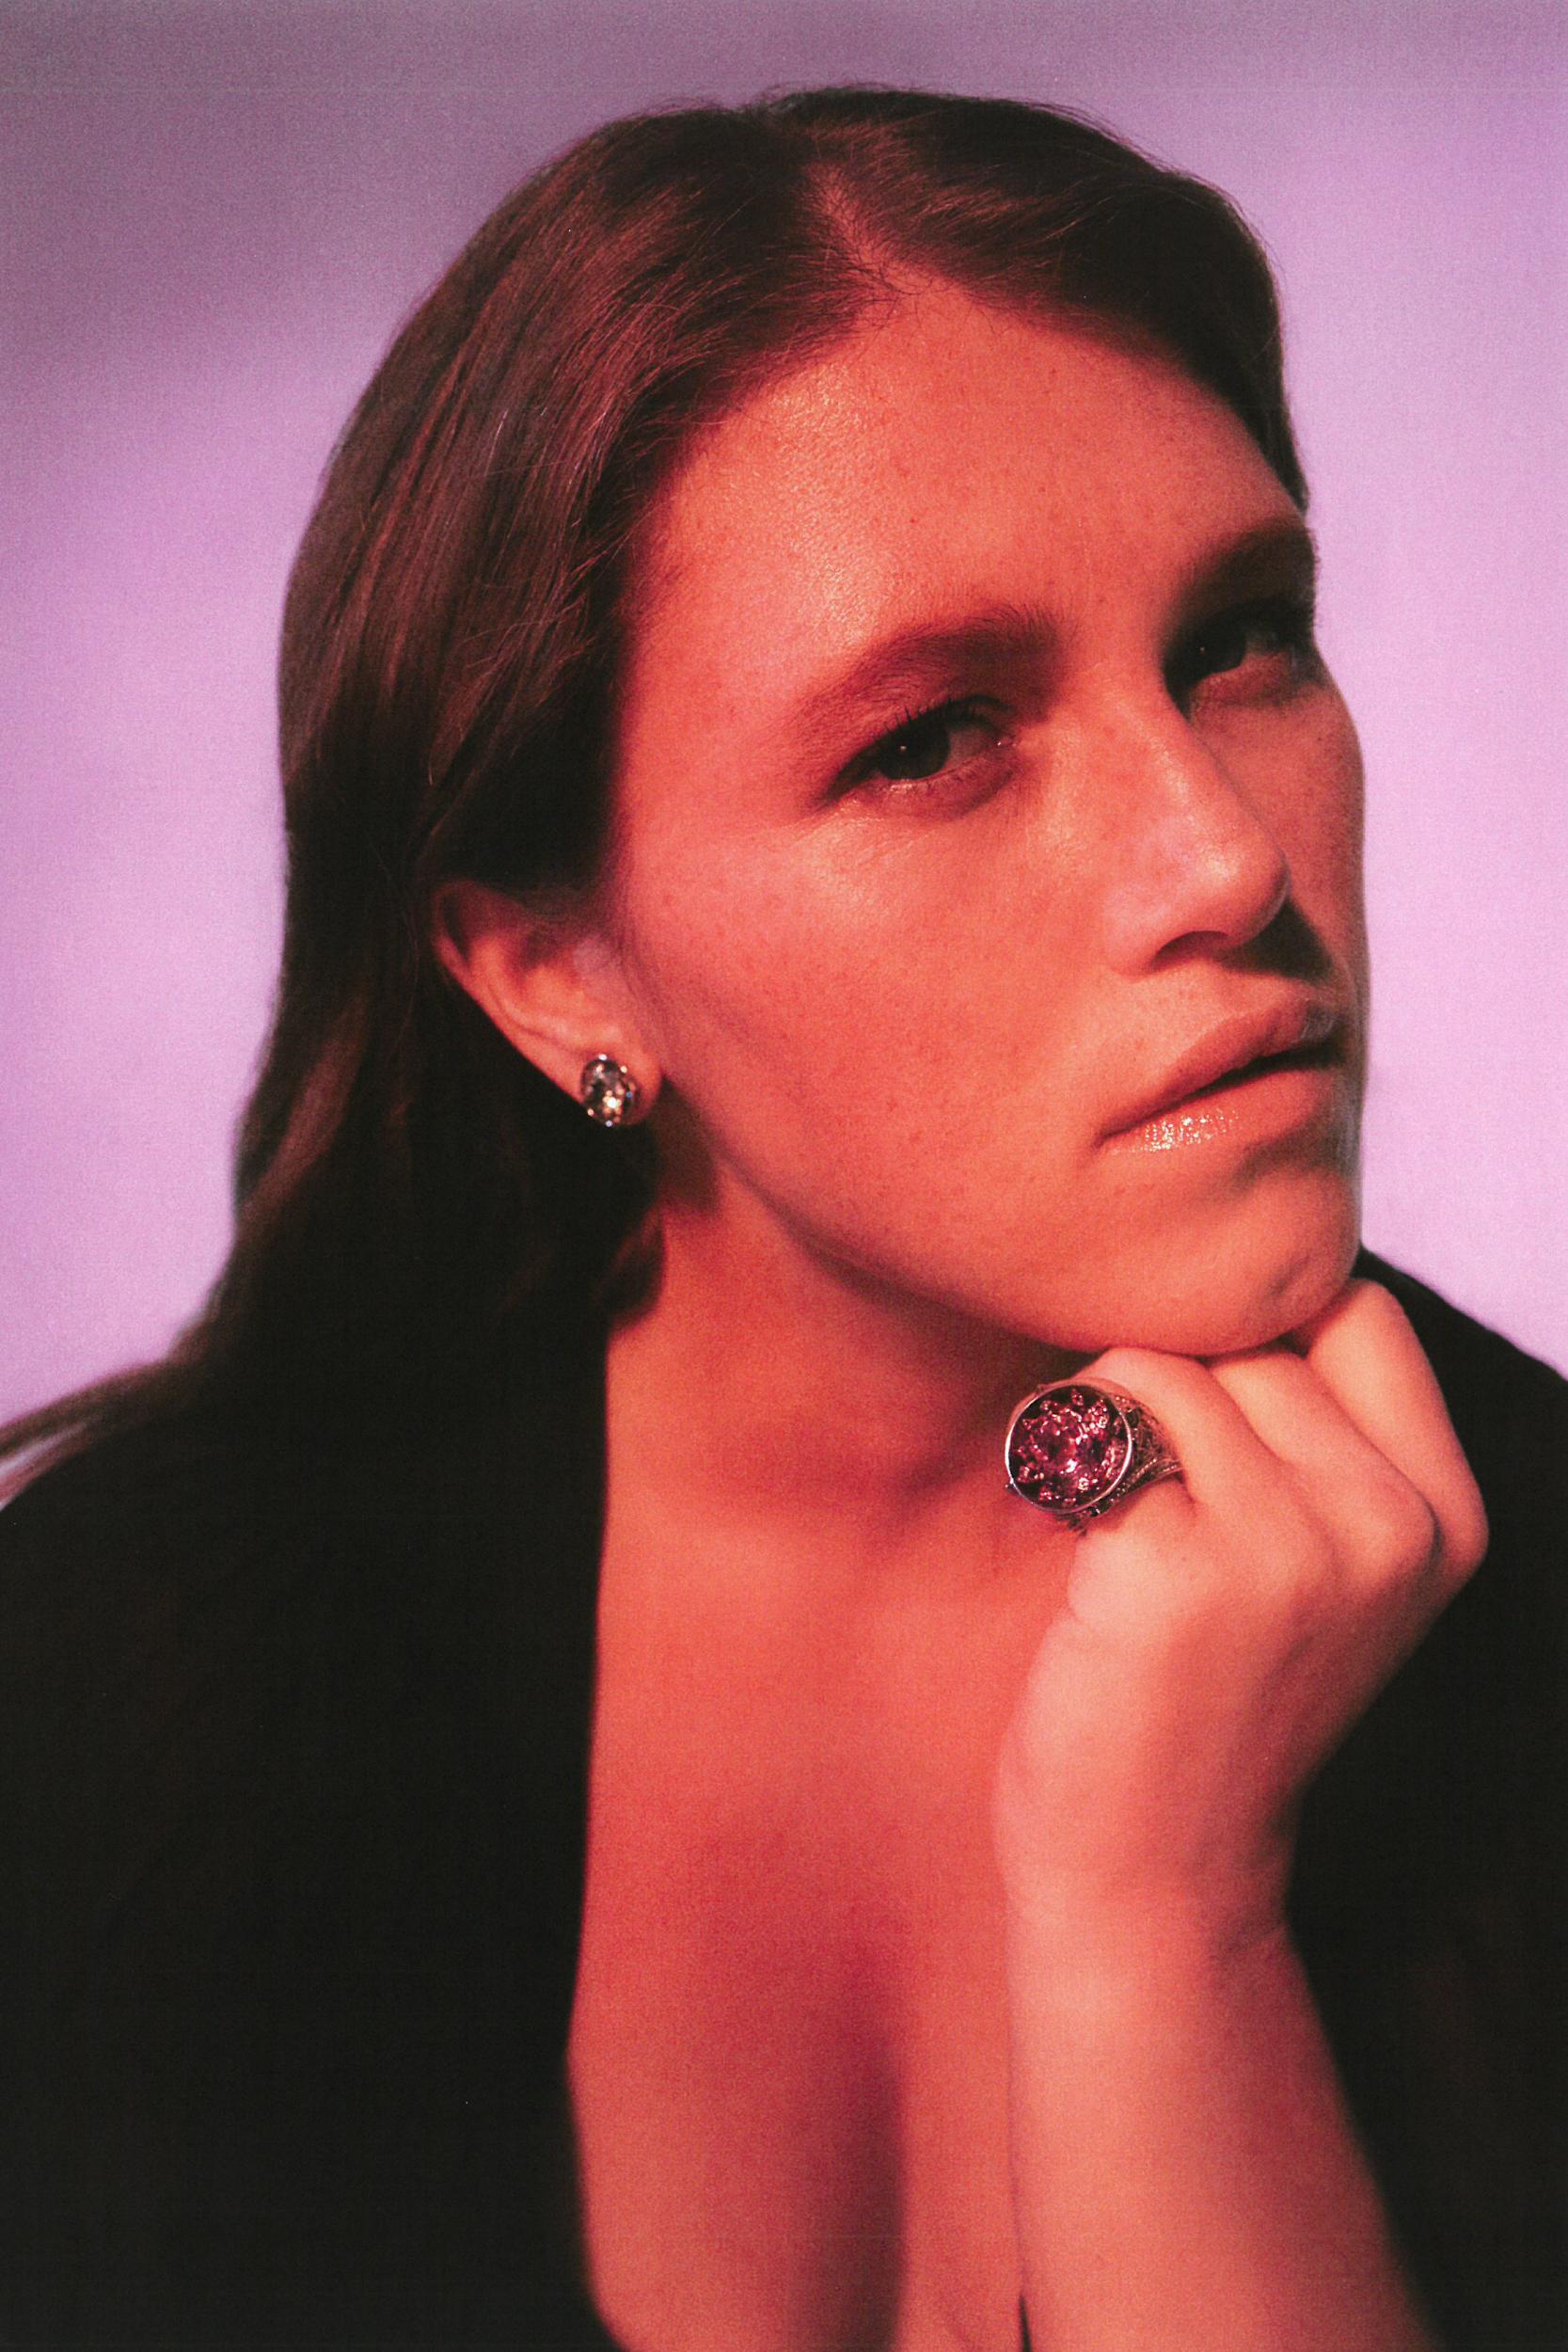 Варвара Шмыкова в новом кампейне ювелирного бренда Dzhanelli Jewellery